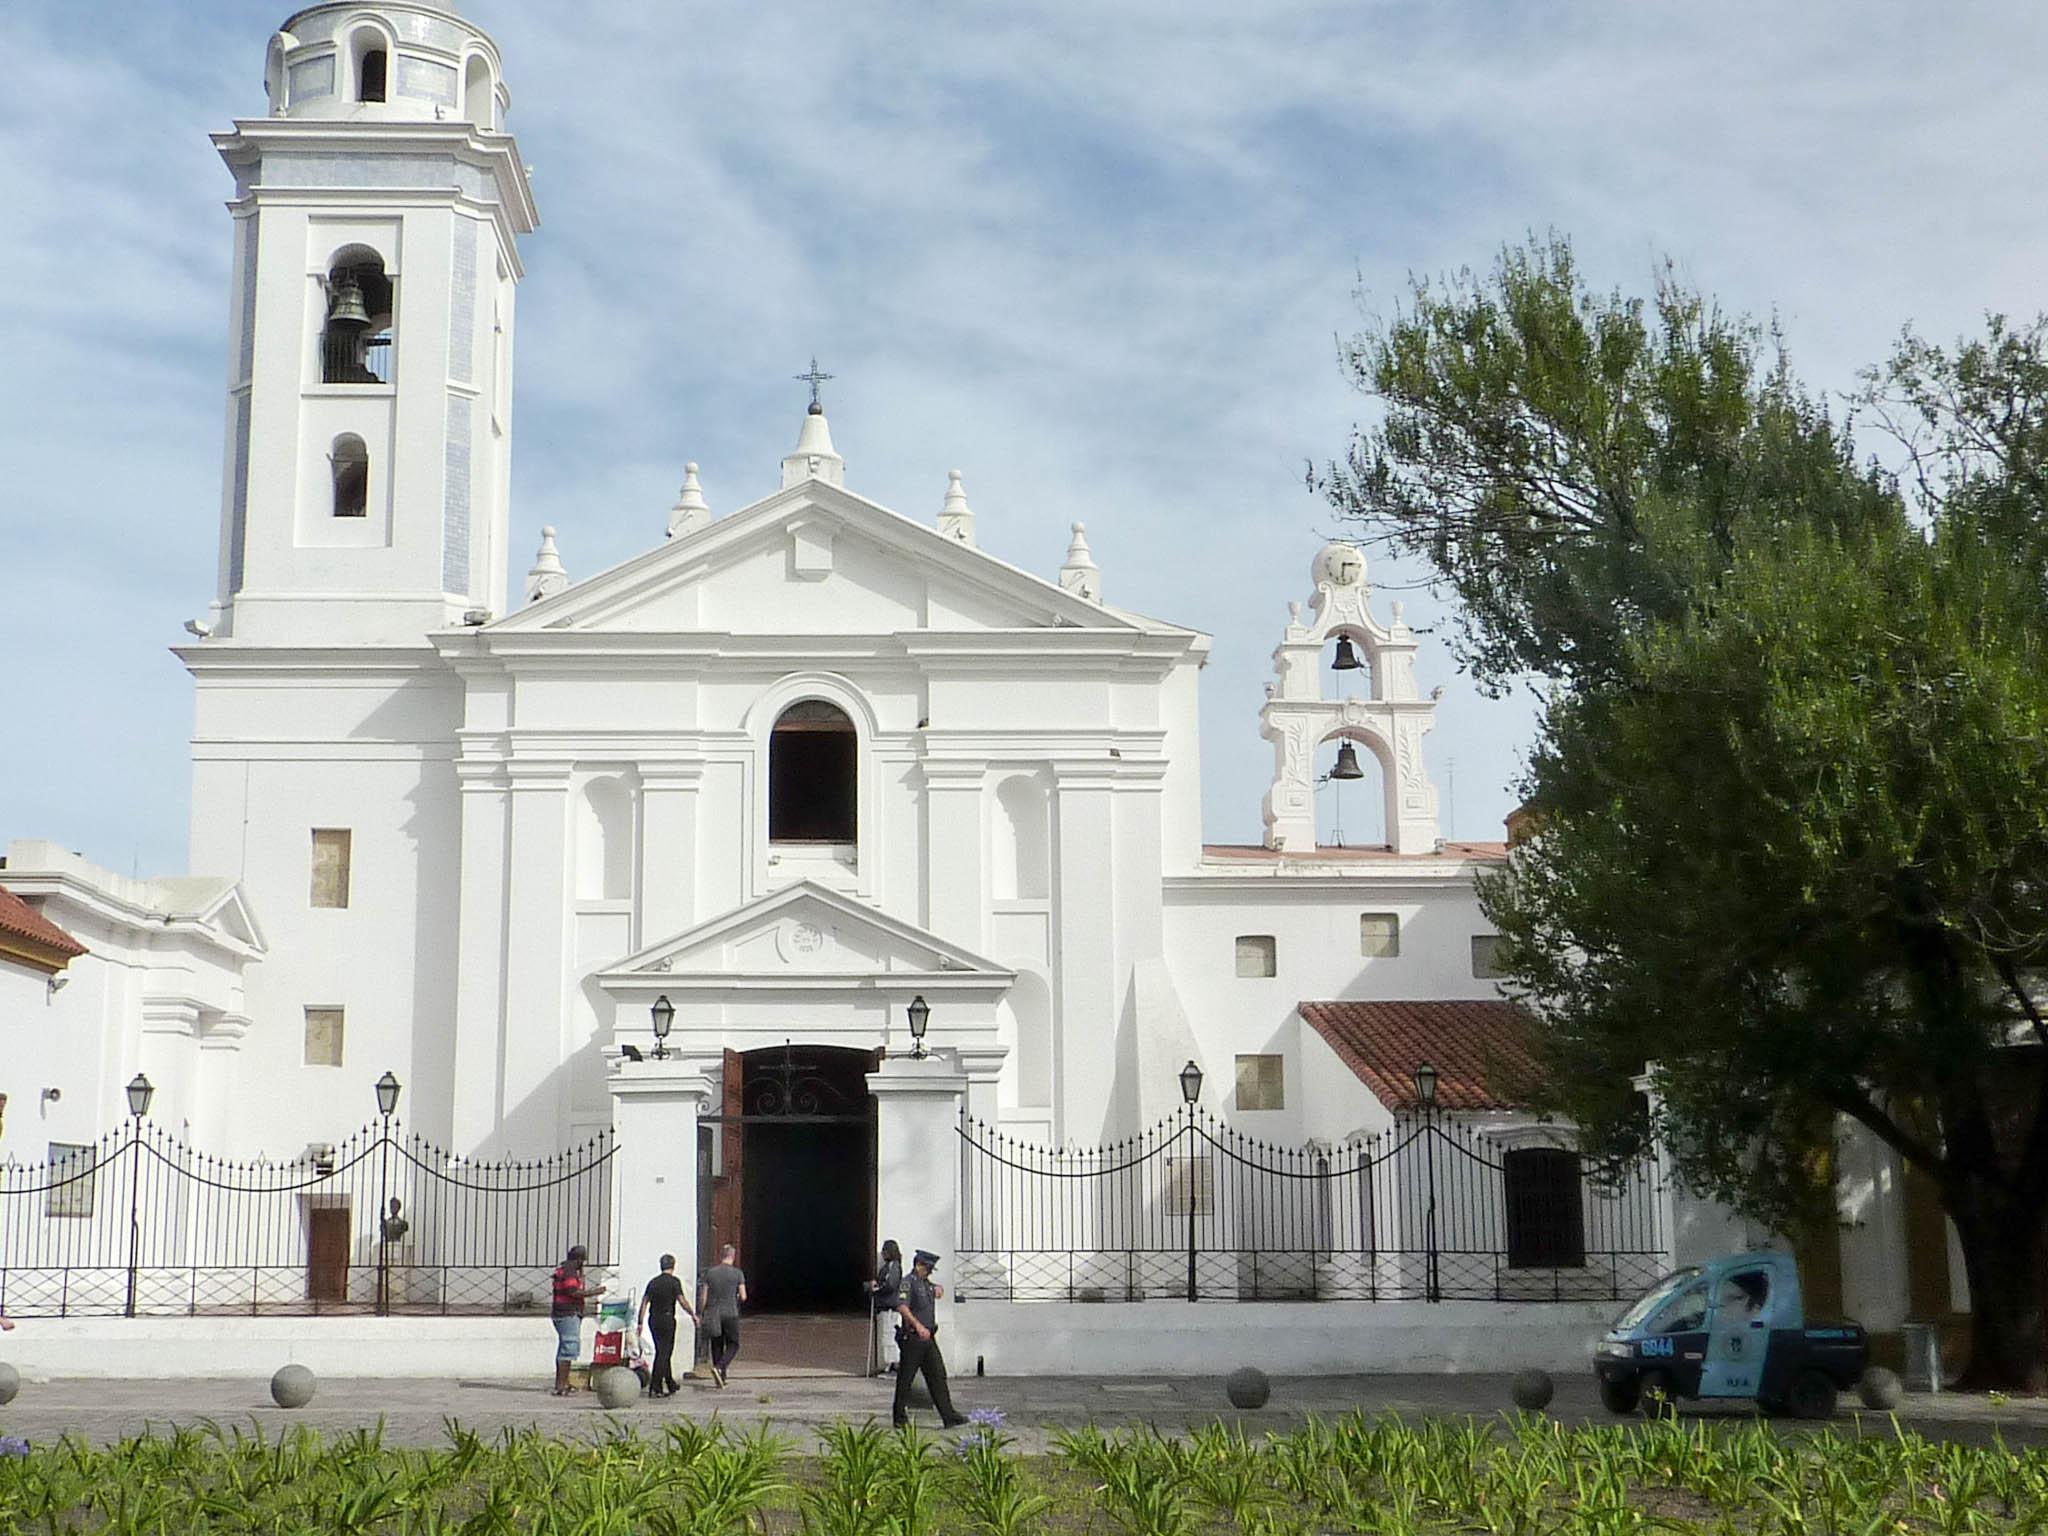 La Basilica Nuestra Señora del Pilar